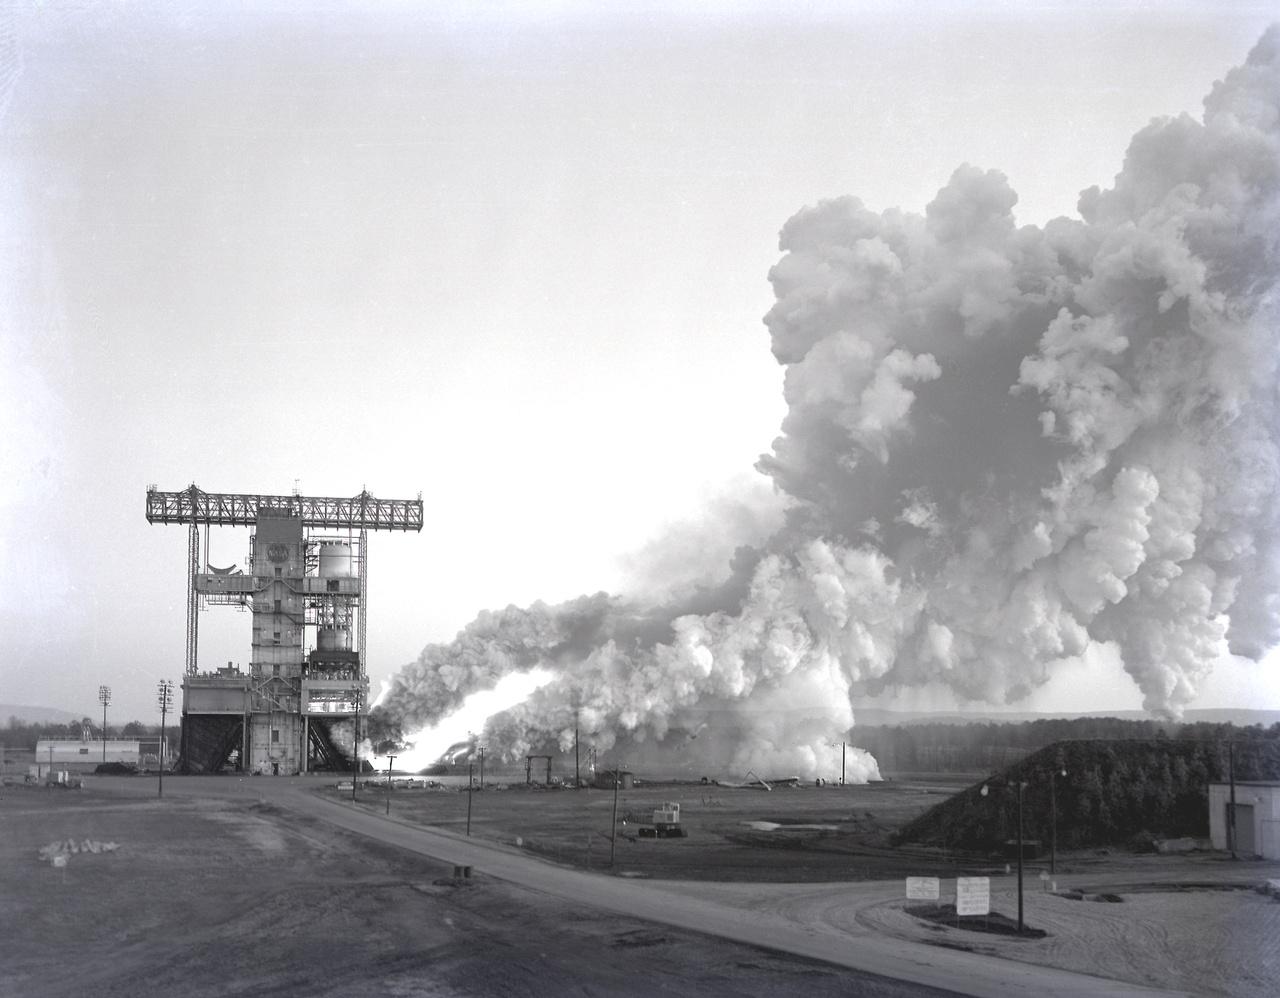 1963. december 5: a Saturn-V-ös rakéták első fokozatába épített F-1 hajtóművek egyikének (F-1-002) statikus tesztje a NASA Marshall központjában. A Rocketdyne összesen 98 darab széria-hajtóművet és 82 kísérleti verziót gyártott az F-1-ekből.